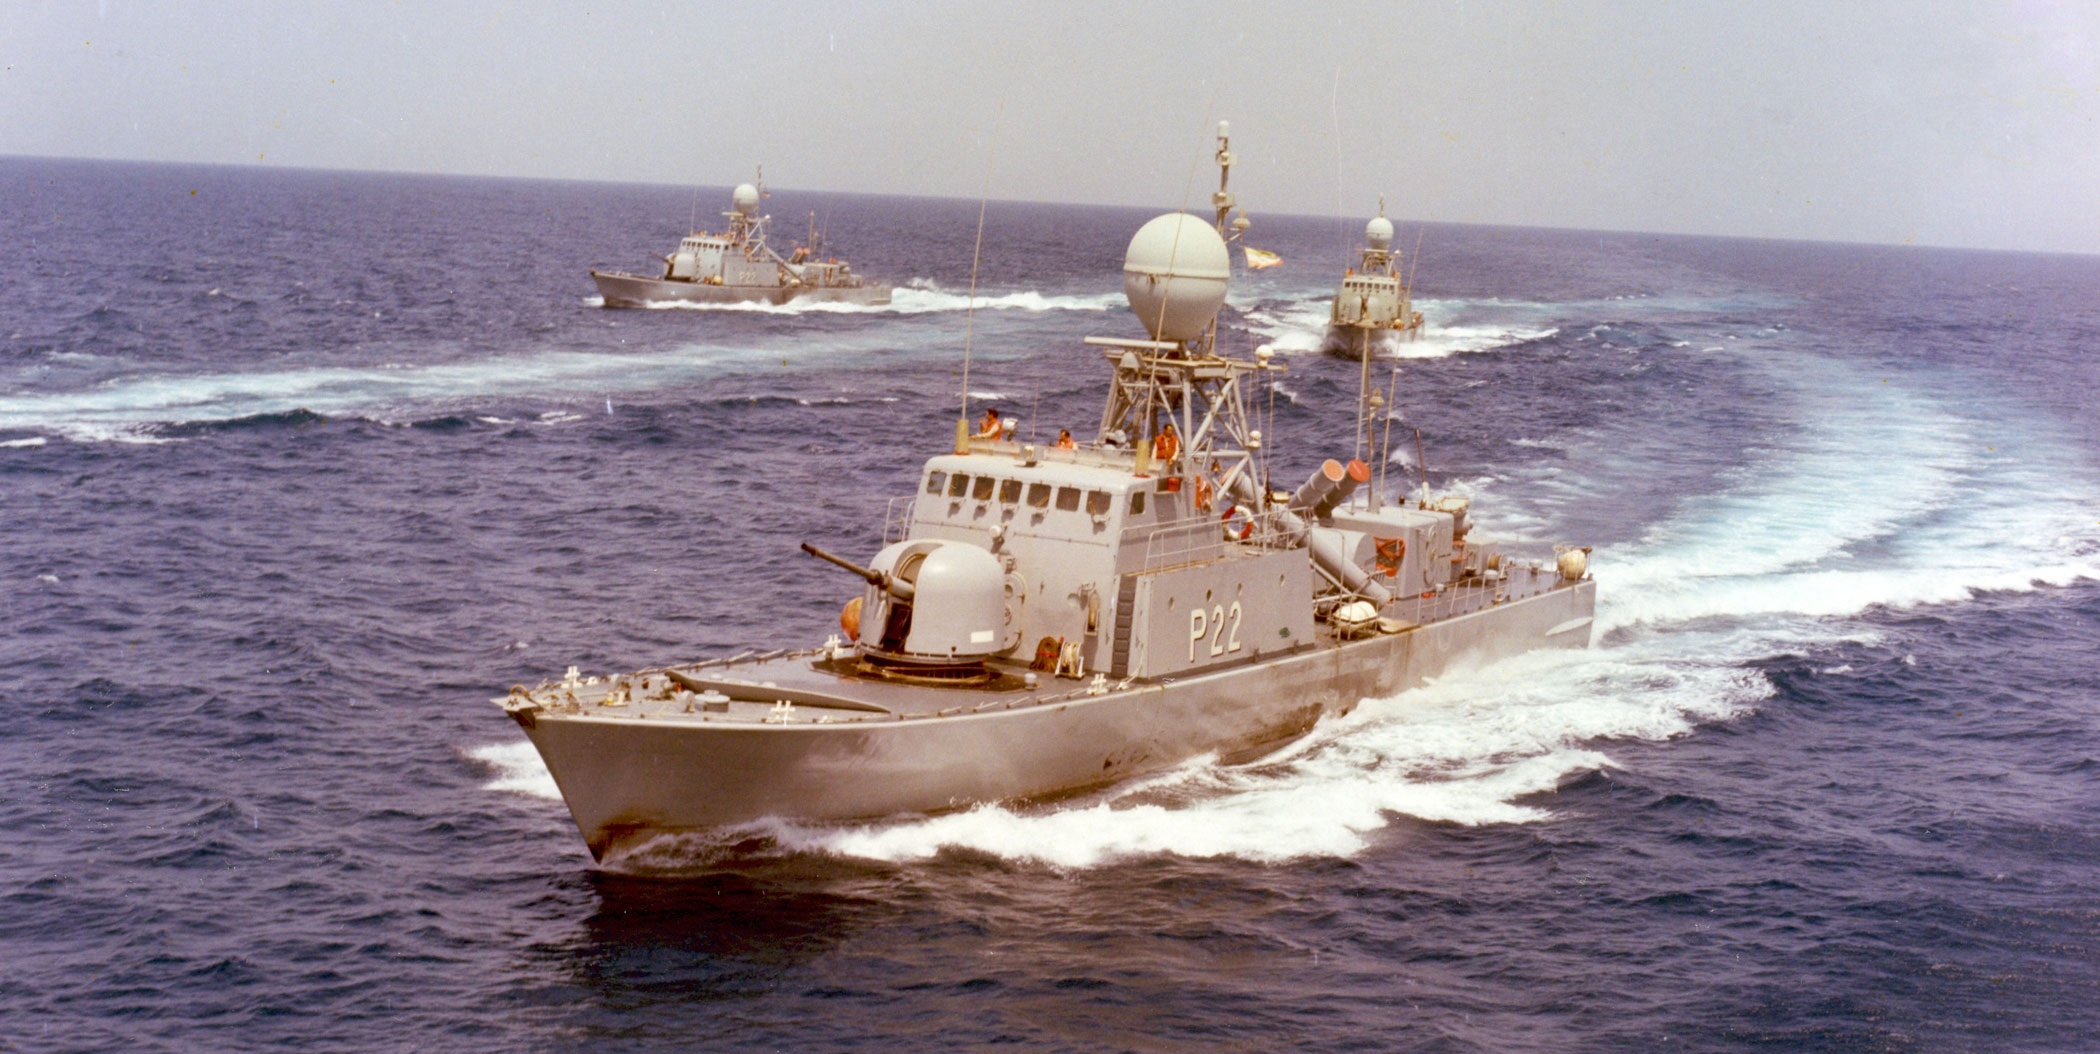 رده بندی نیروی دریایی کشورها؛ ایران چهارم، ترکیه دوازدهم - 0